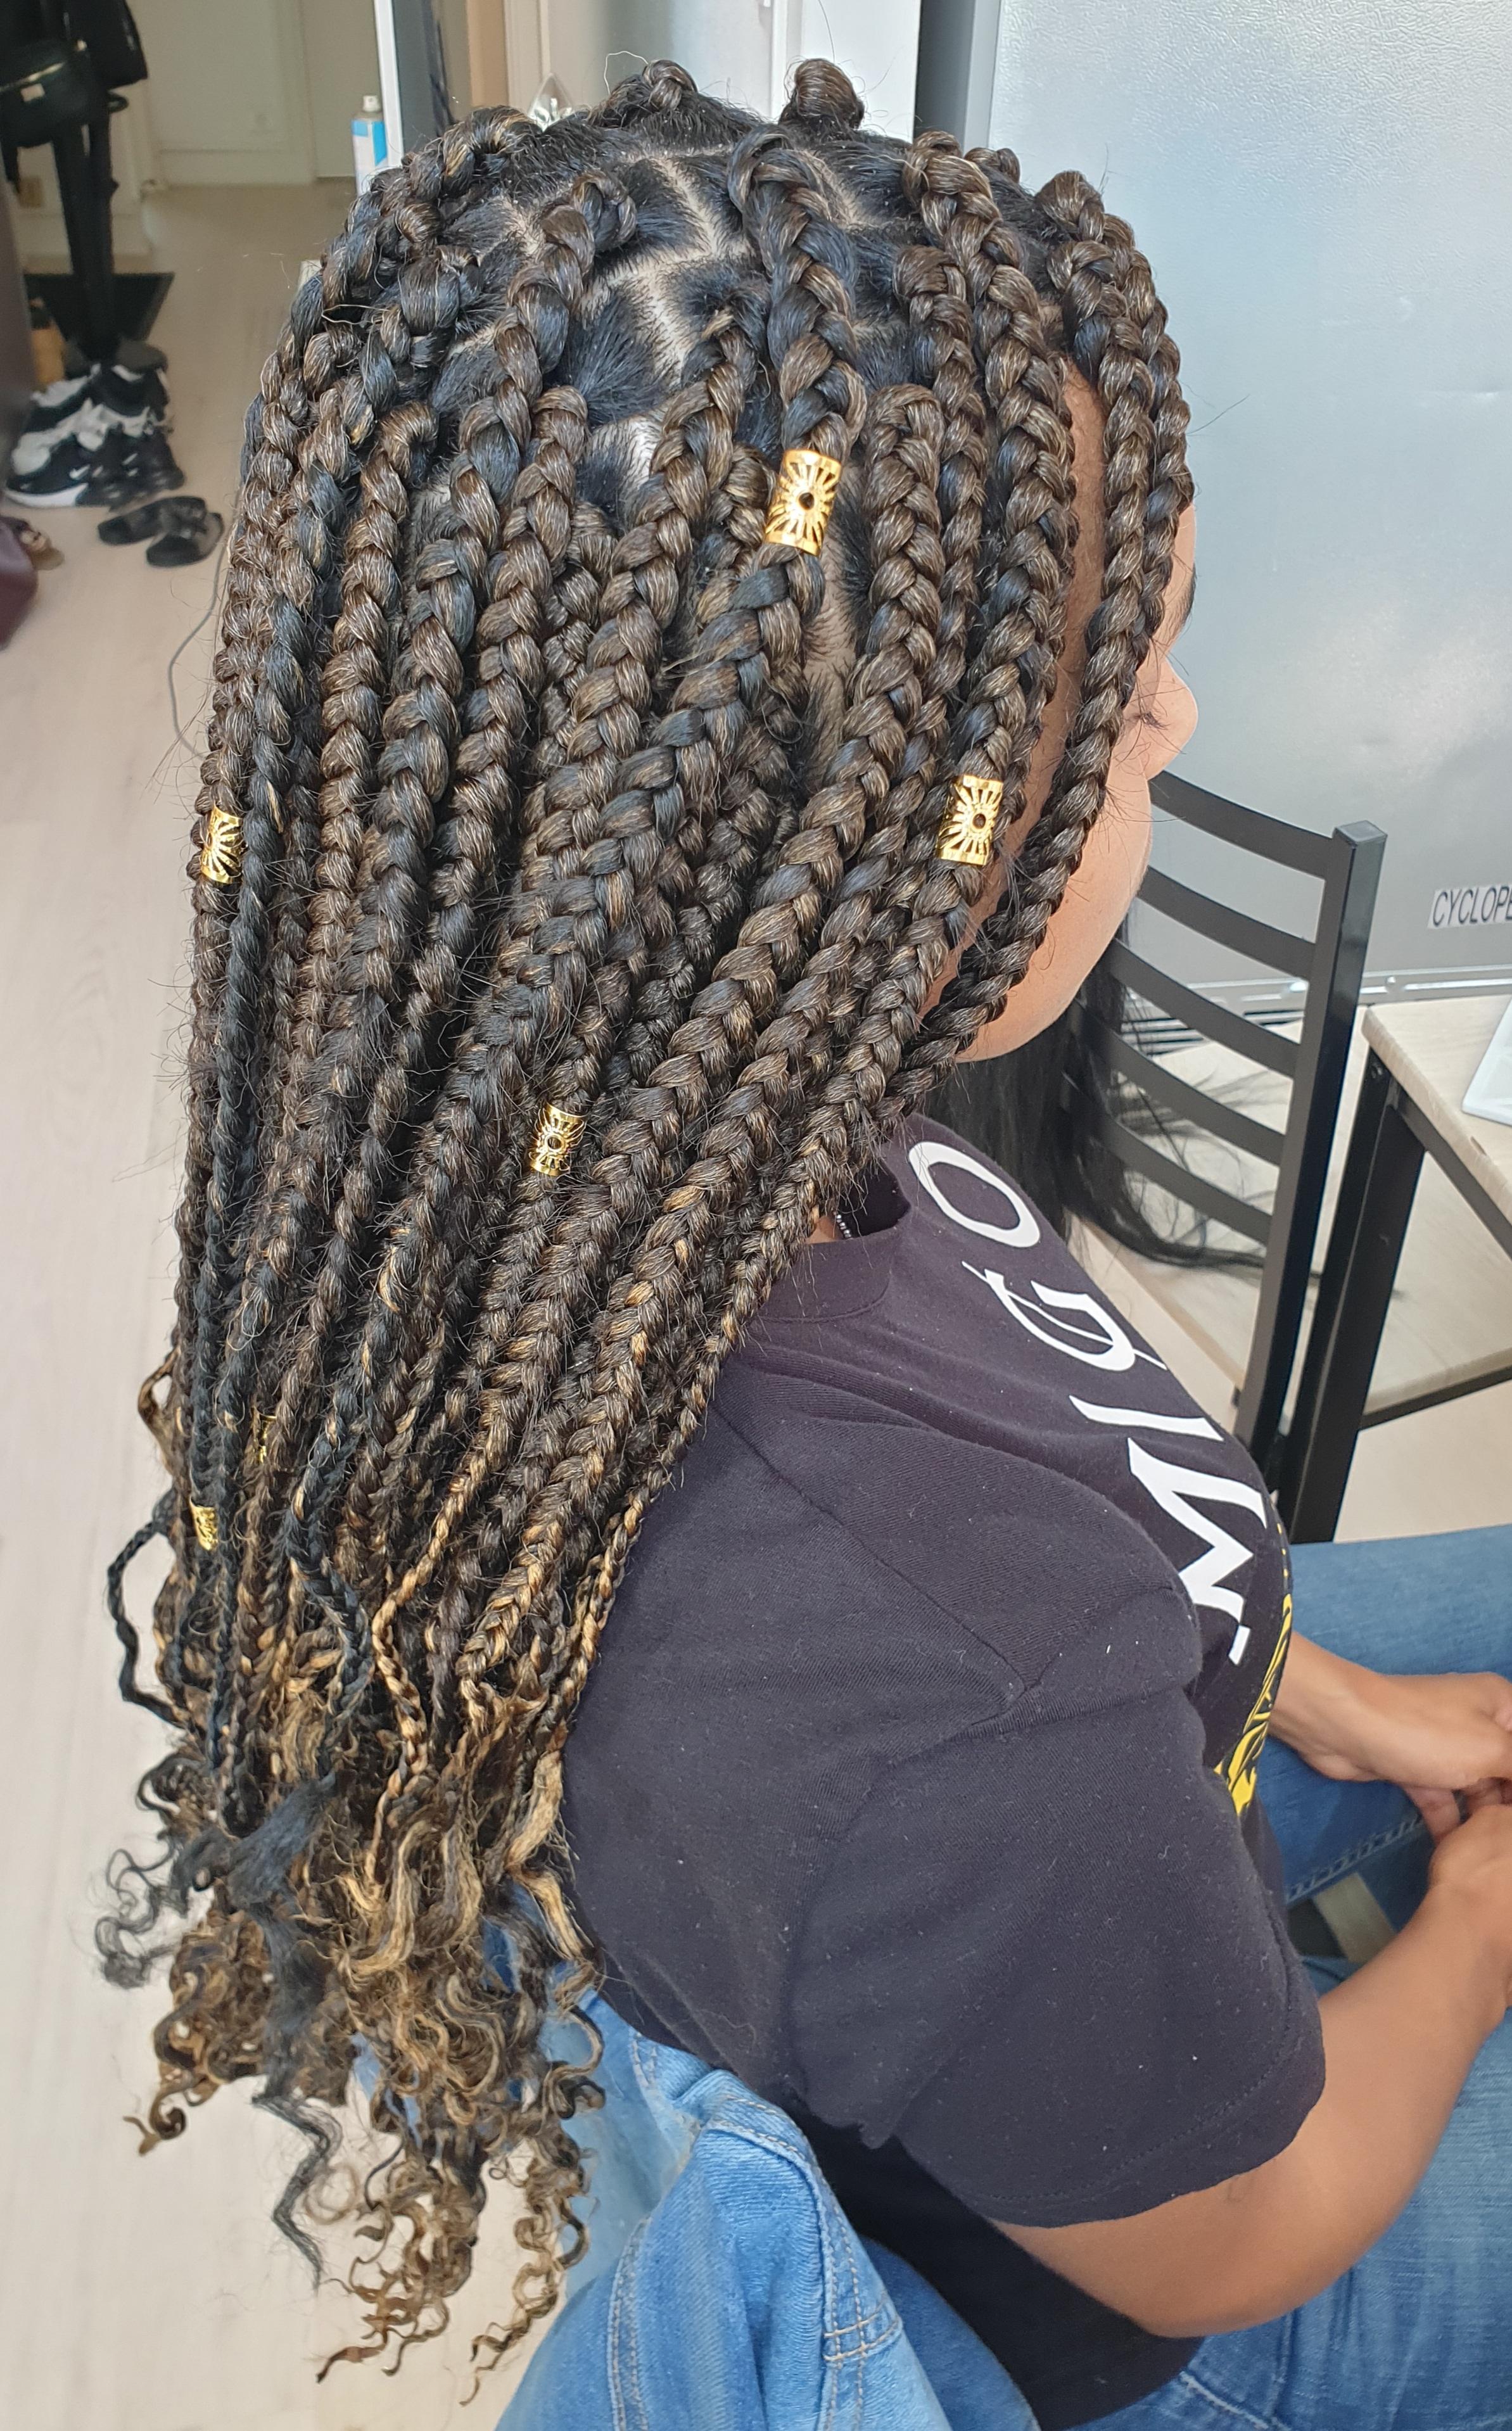 salon de coiffure afro tresse tresses box braids crochet braids vanilles tissages paris 75 77 78 91 92 93 94 95 SEVXSDWX